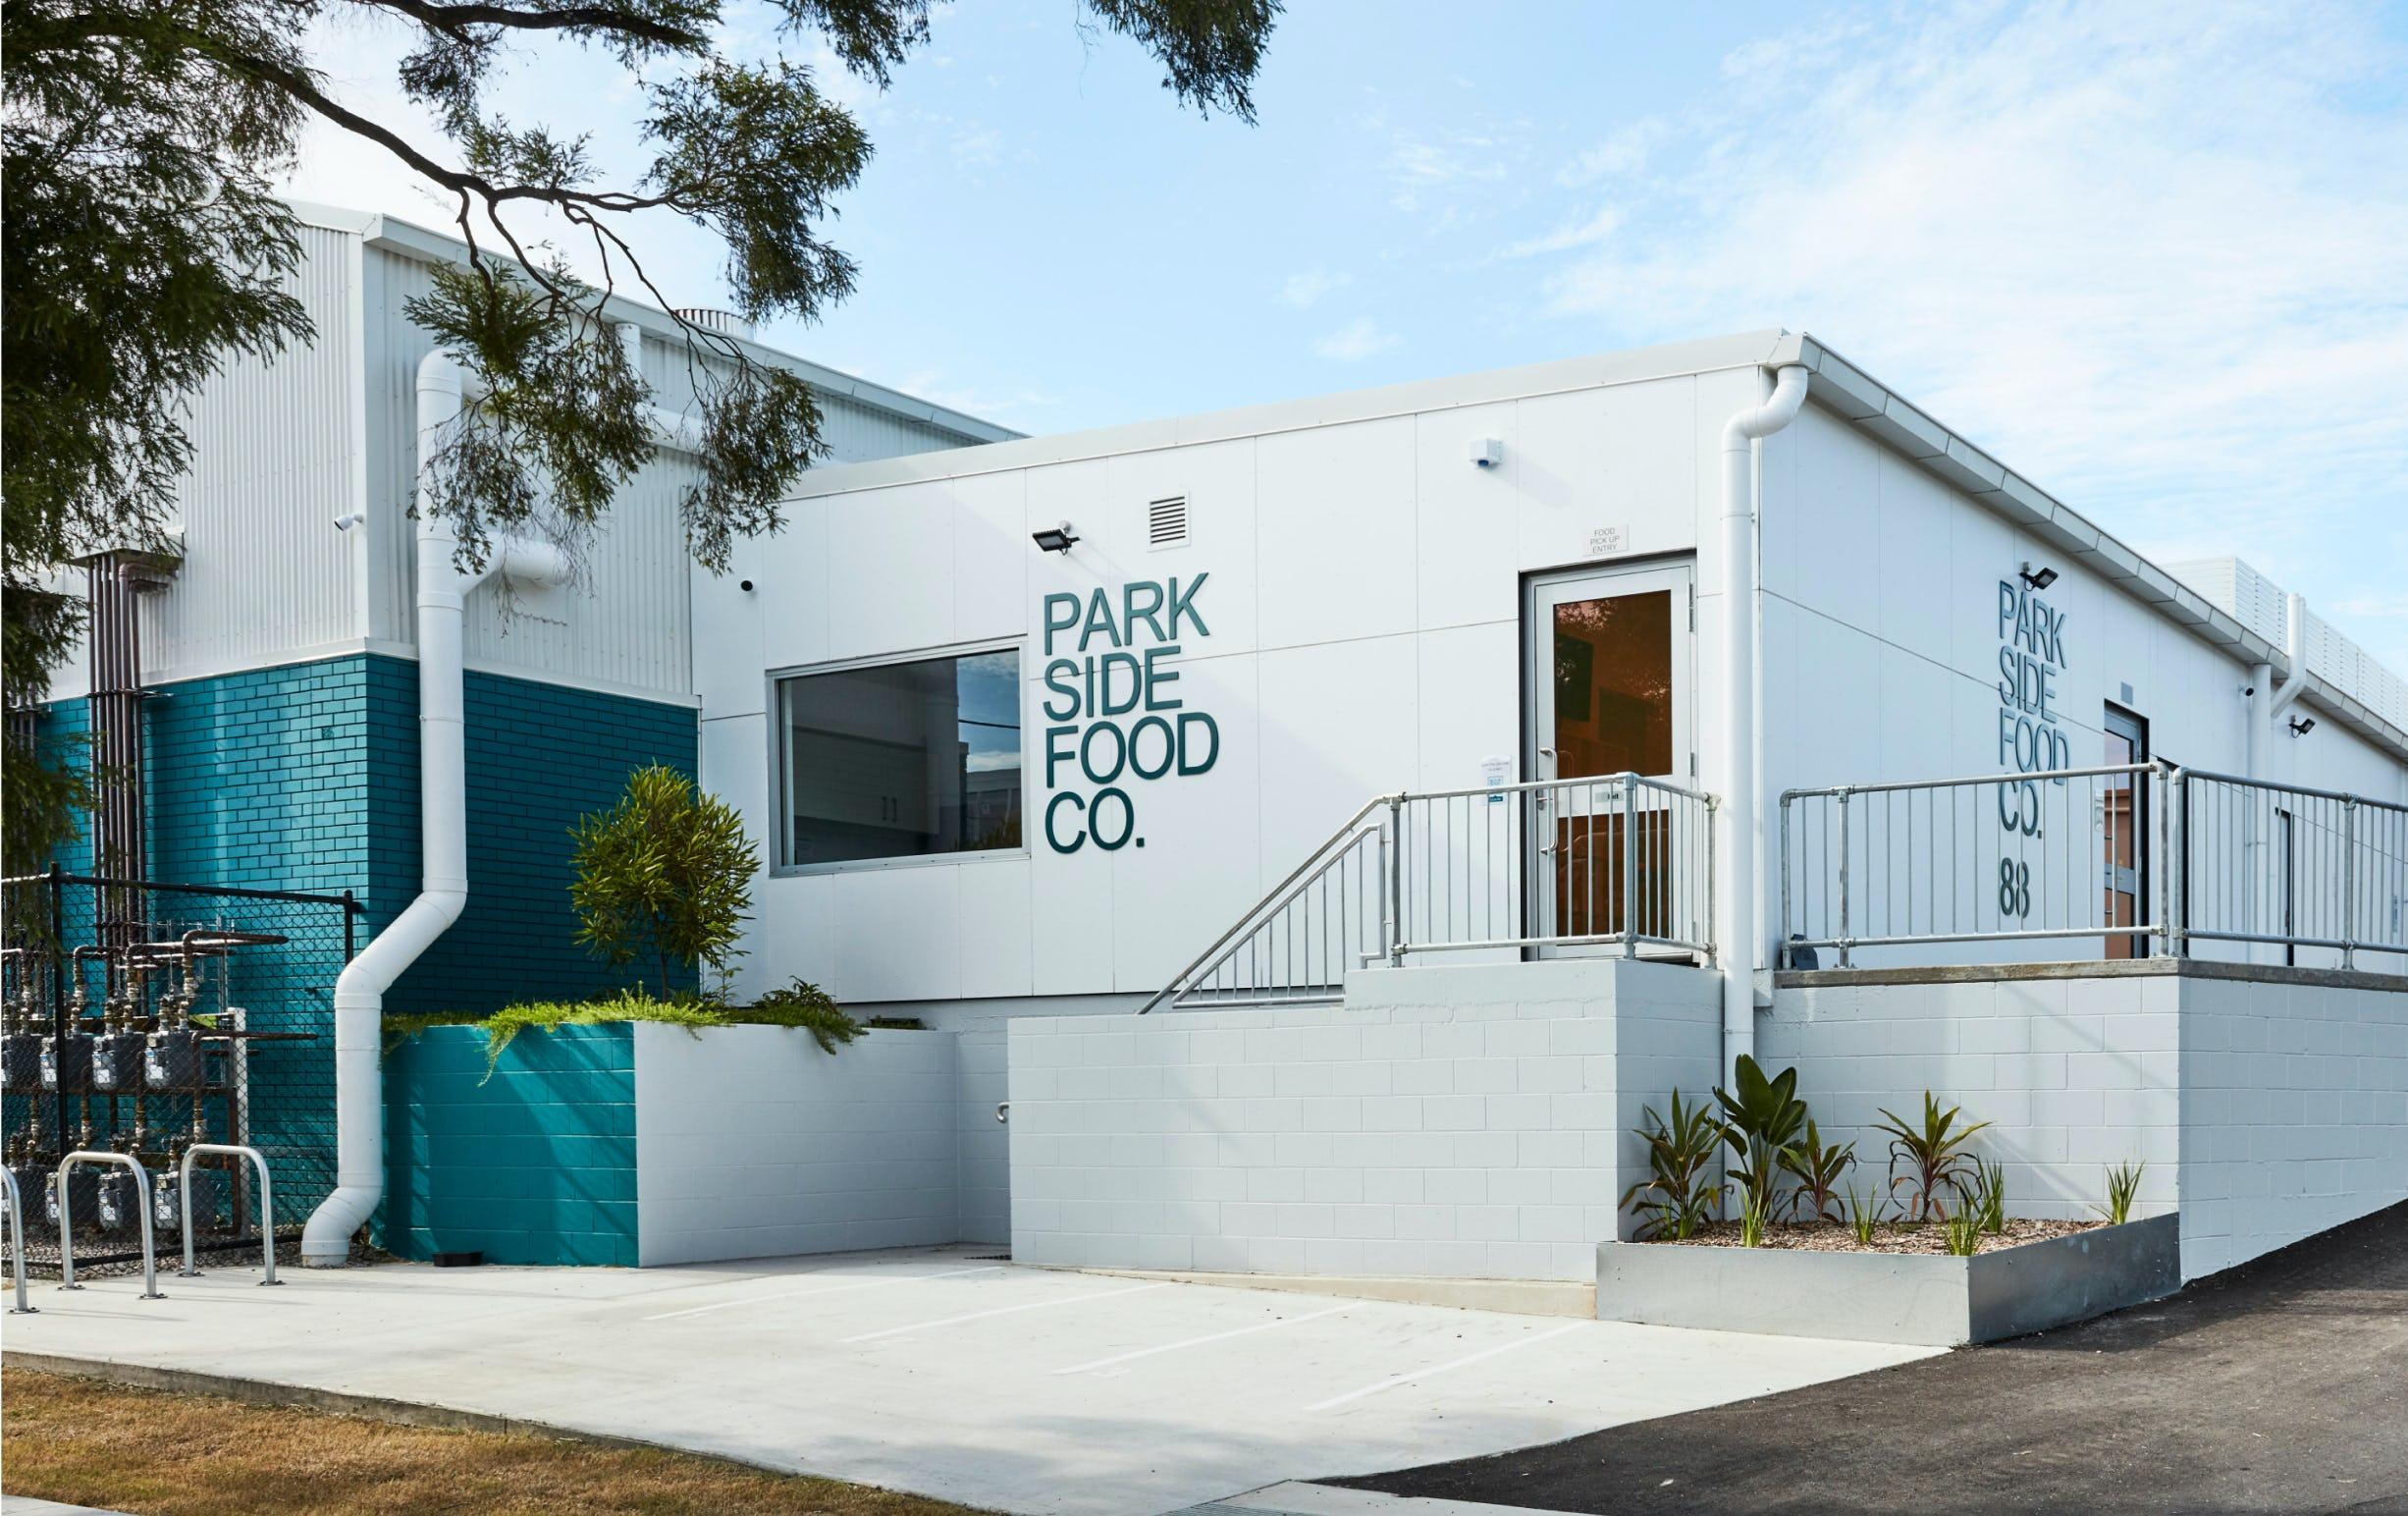 brisbane-Coorparoo-darkkitchen-facility-chefcollective-australia